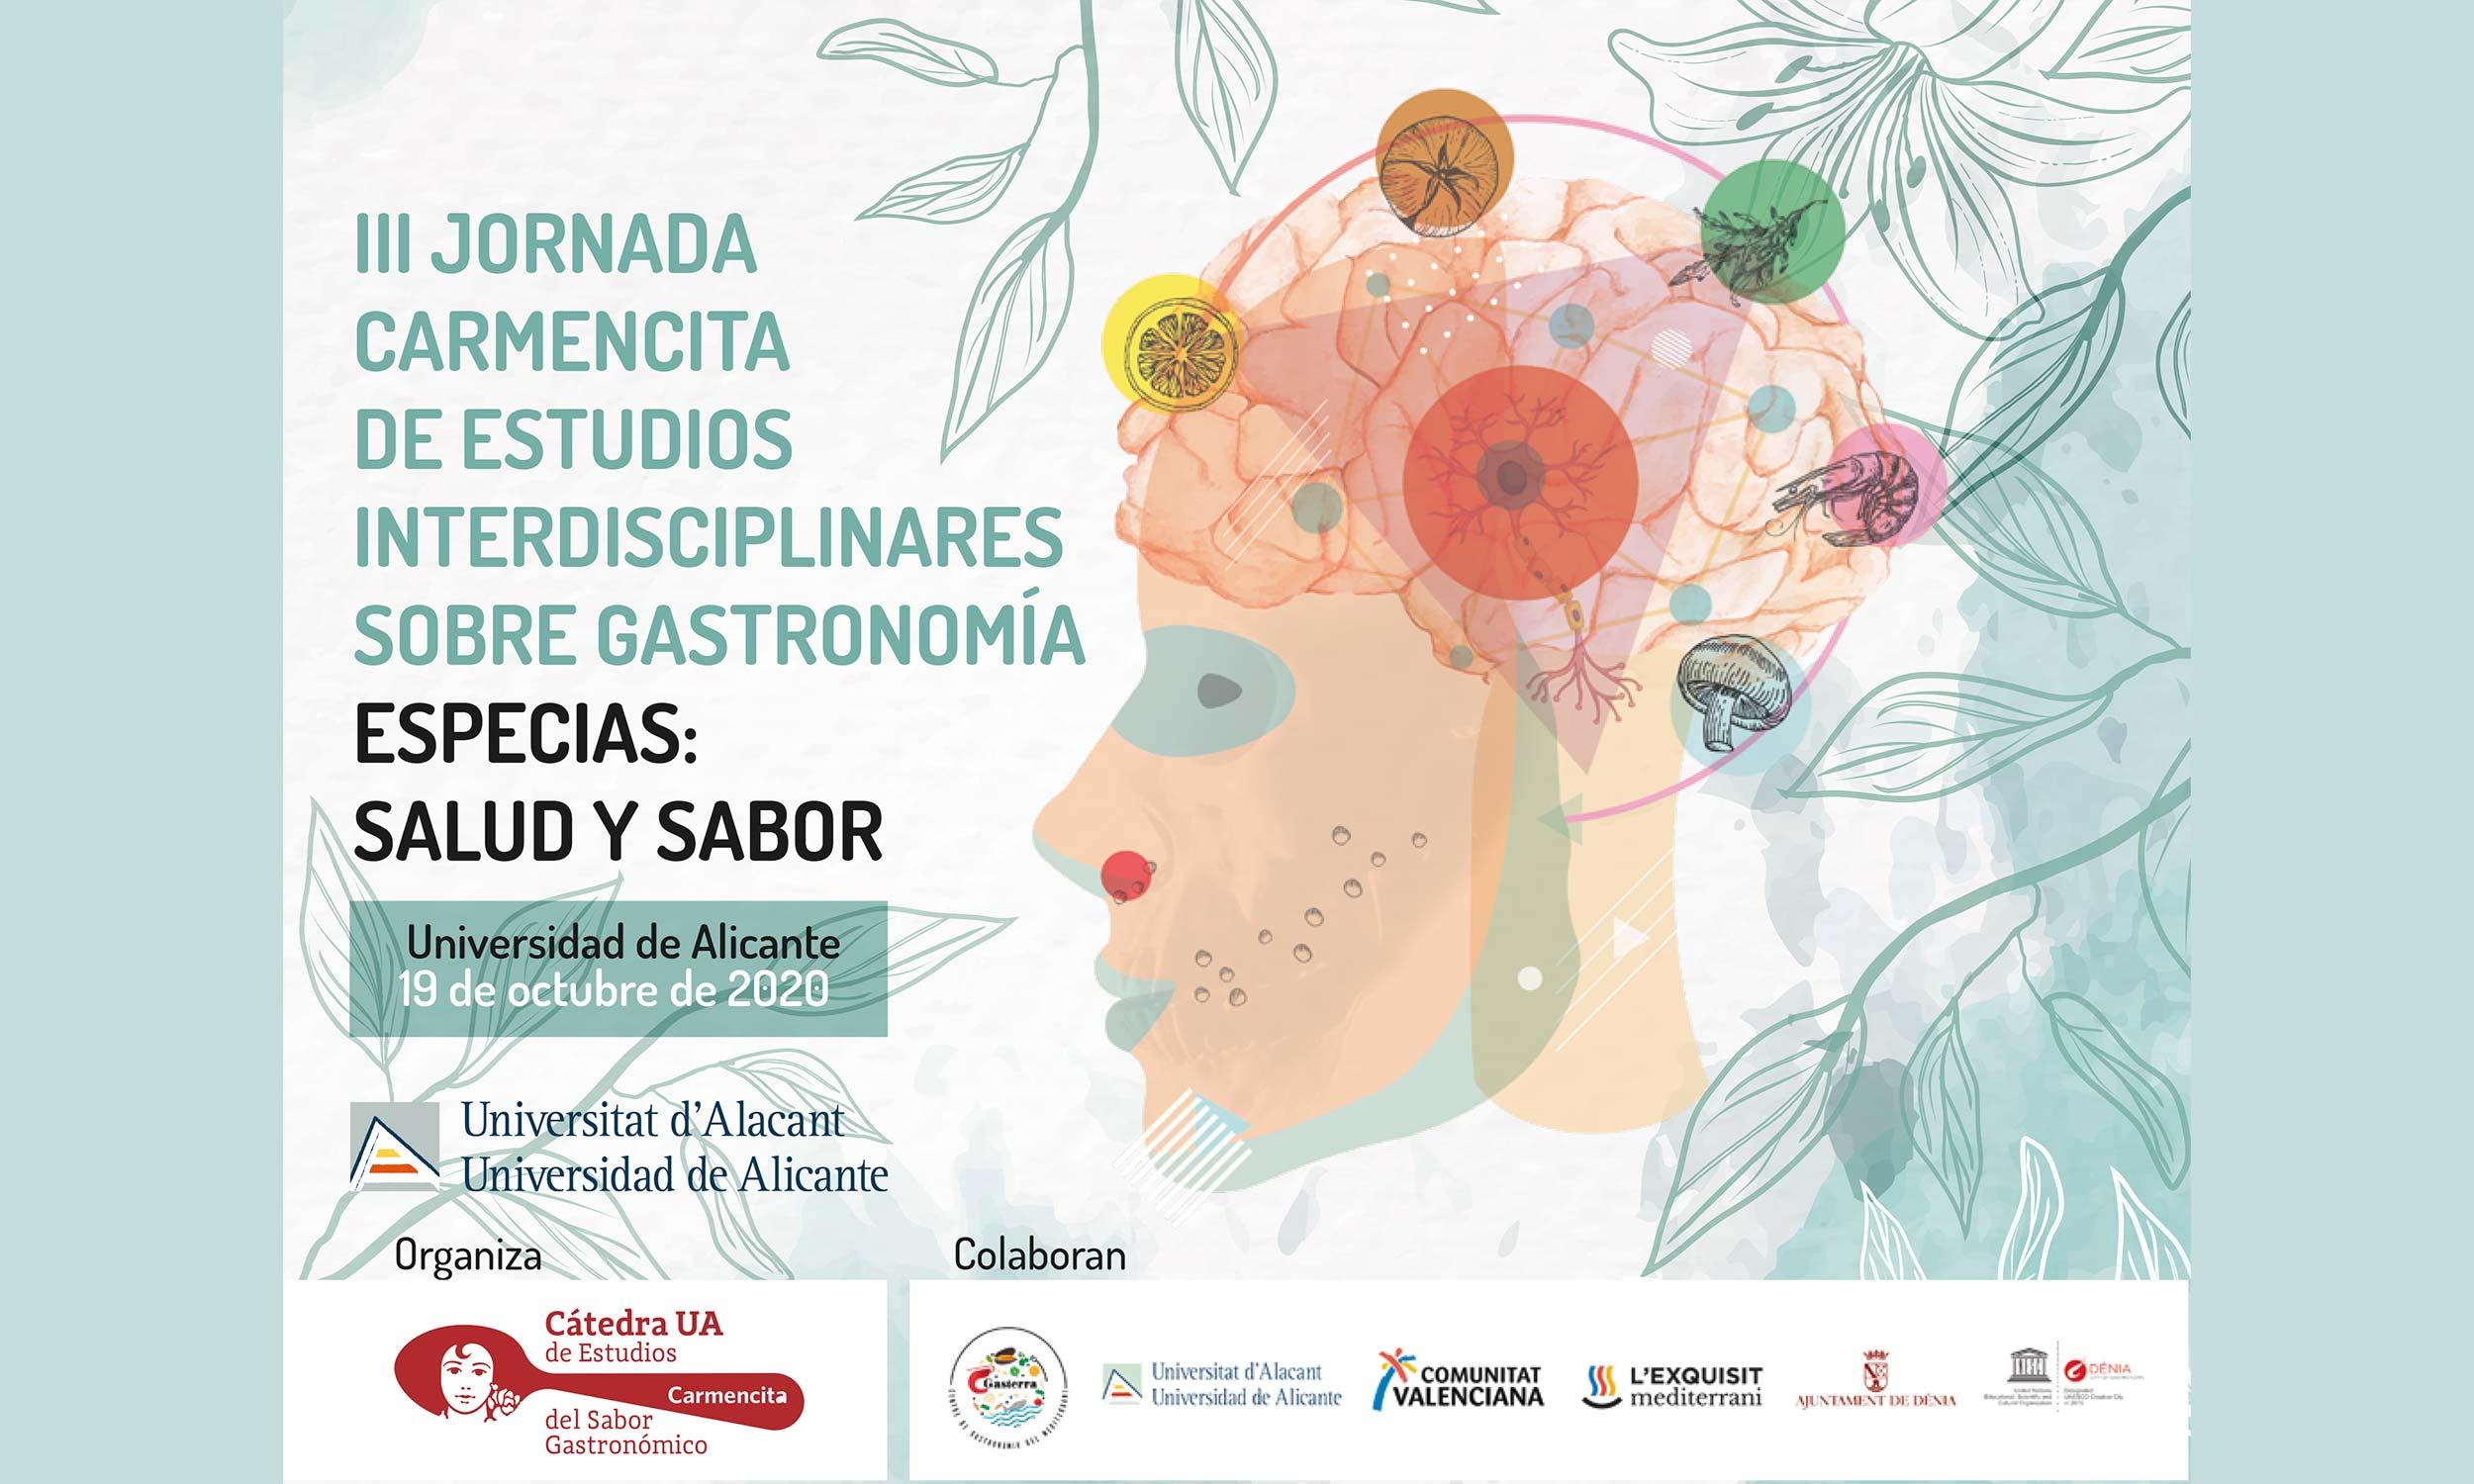 III Jornada Carmencita d'Estudis Interdisciplinaris sobre Gastronomia